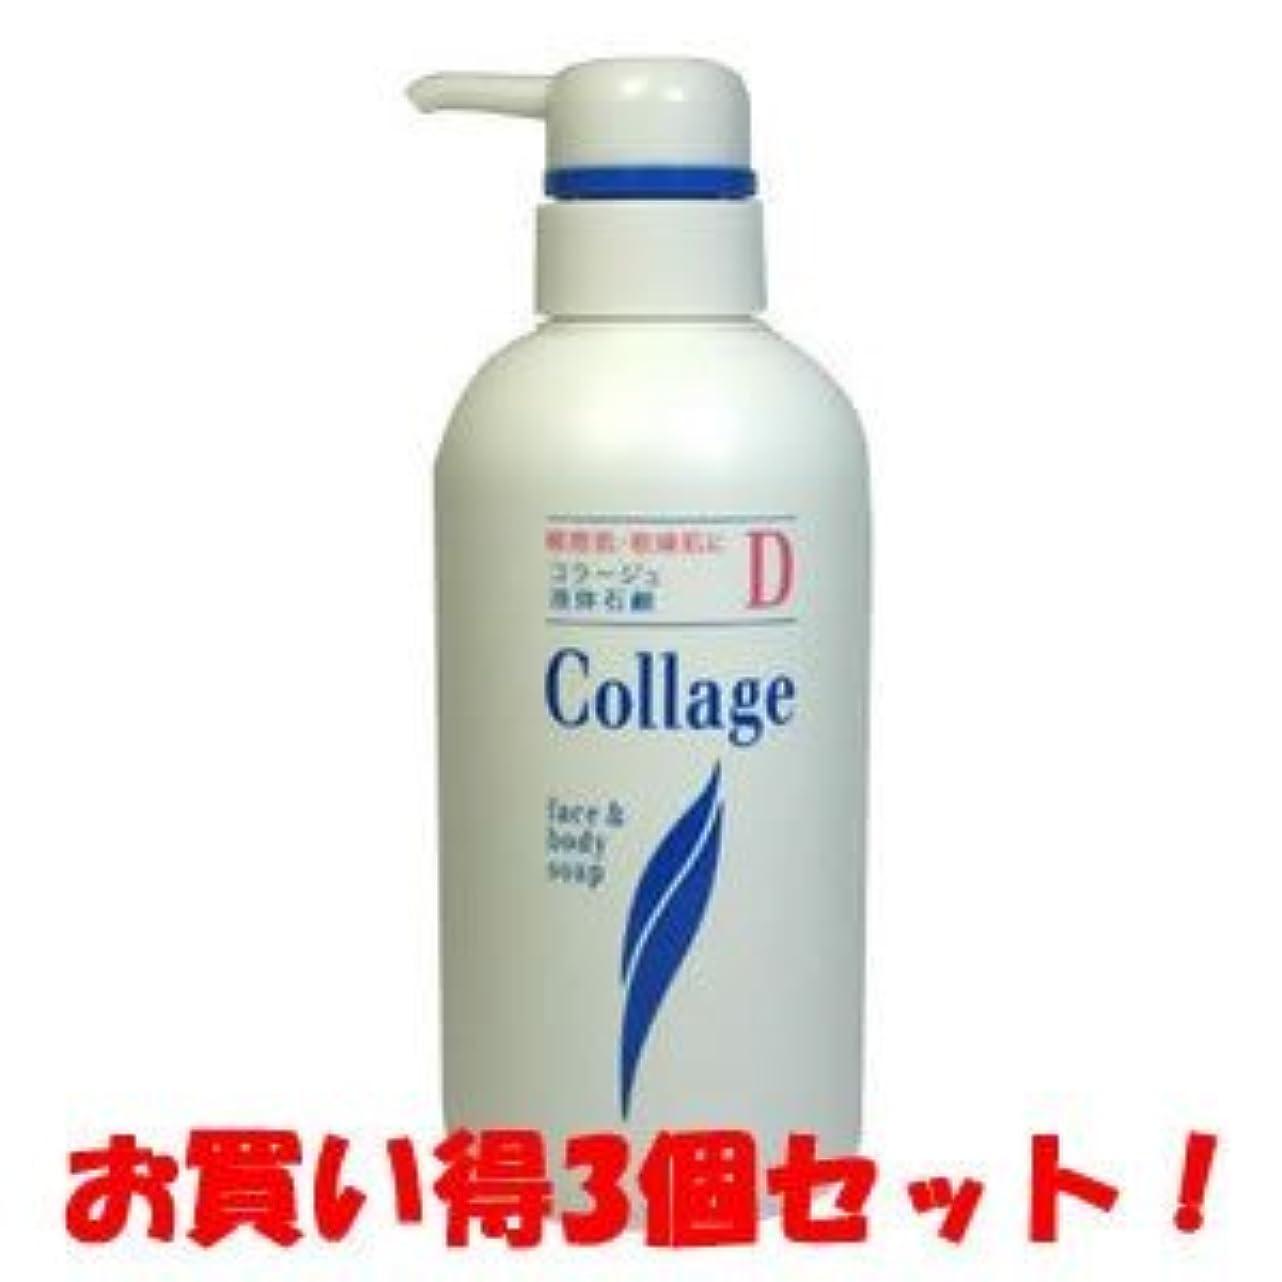 私山いつでも(持田ヘルスケア)コラージュD 液体石鹸 敏感肌?乾燥肌 400ml(お買い得3個セット)